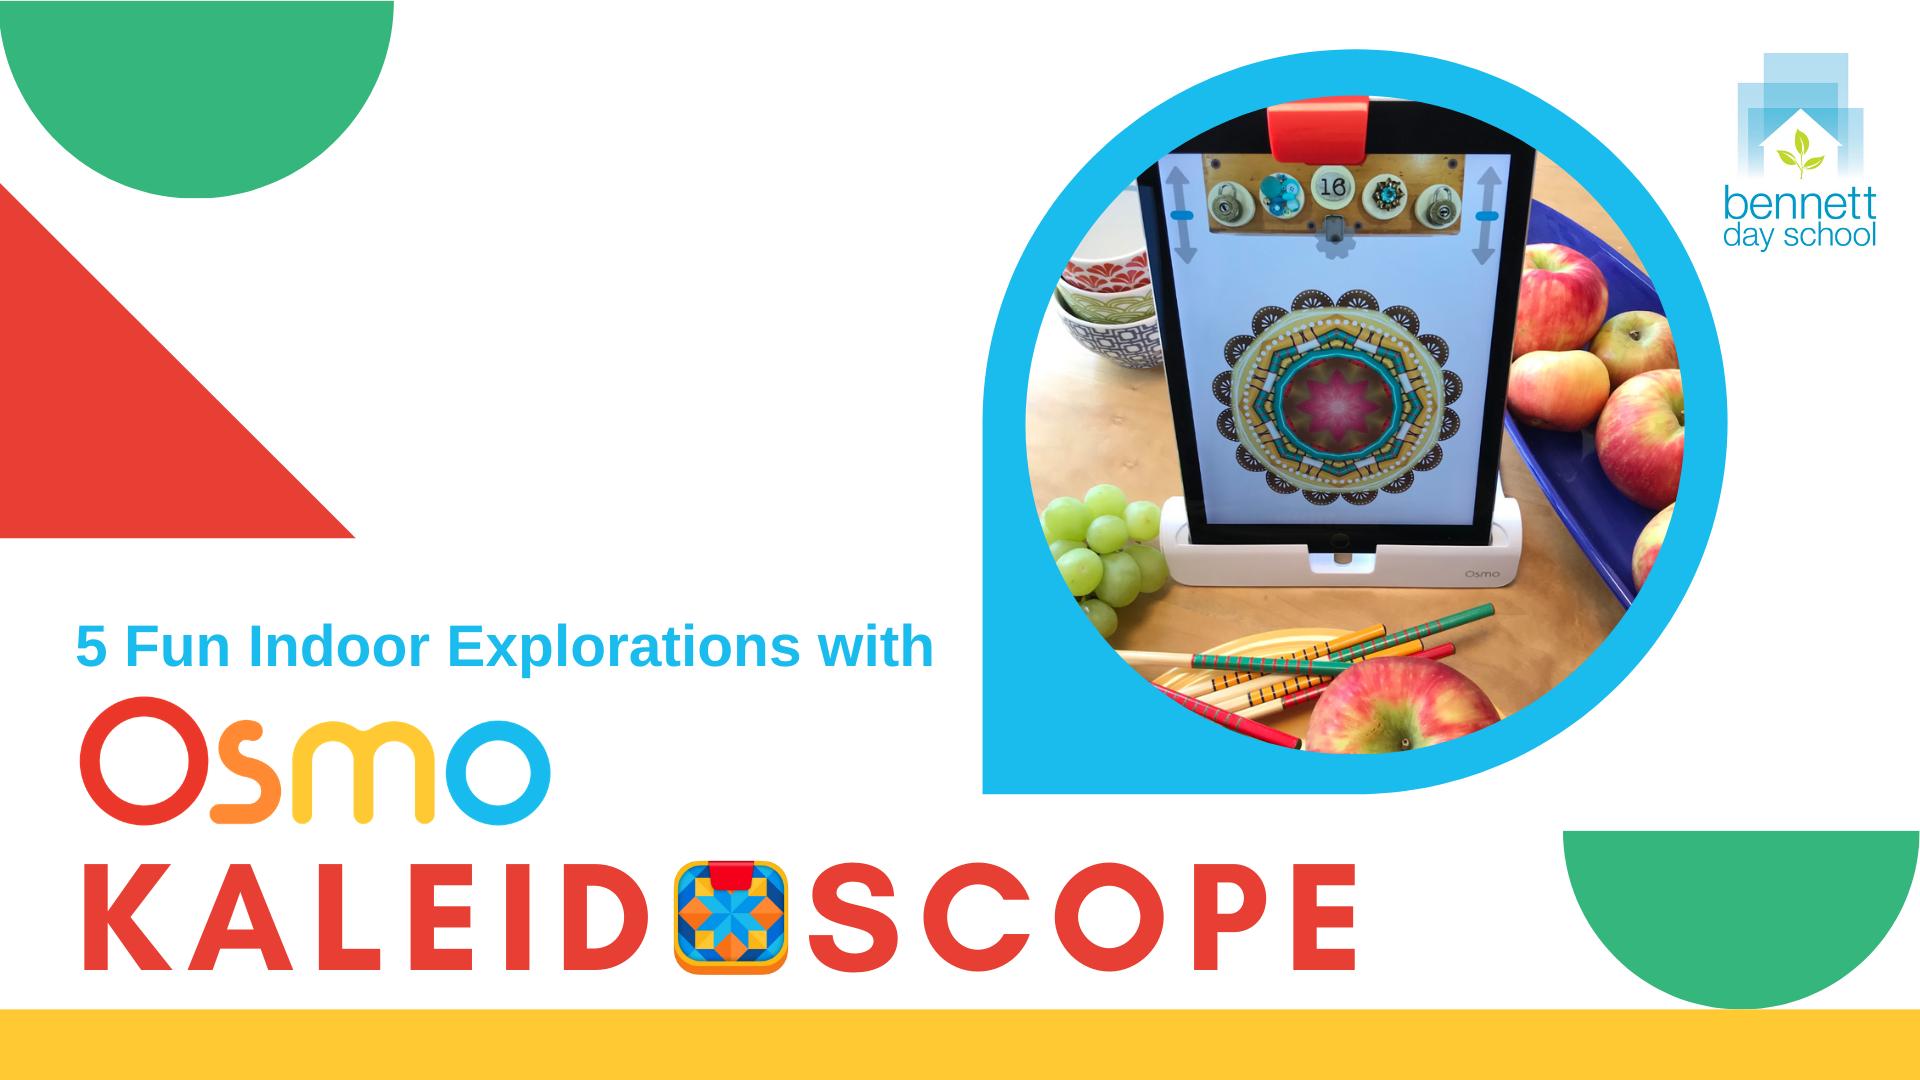 Fun Indoor Explorations with Osmo Kaleidoscope